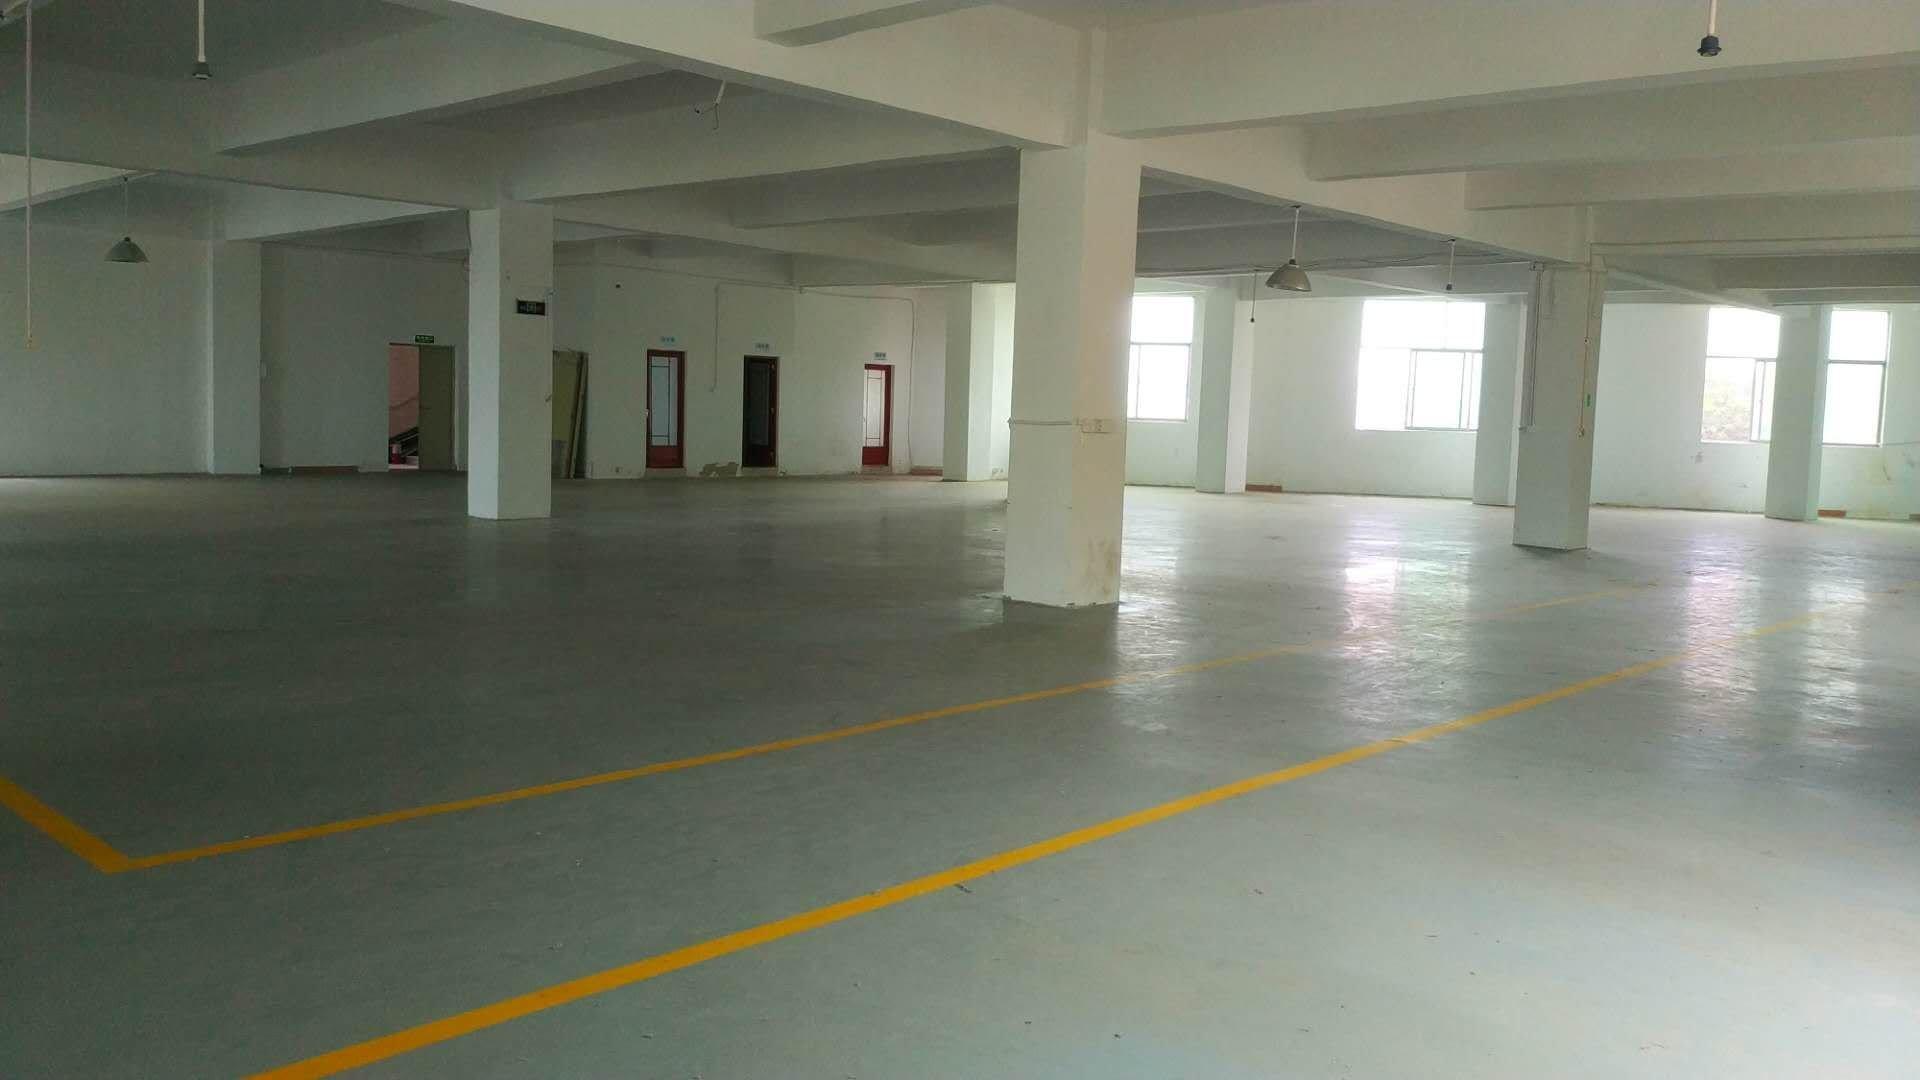 龙岗宝龙工业区楼上带装修厂房1600平米水电齐全龙岗电商仓库